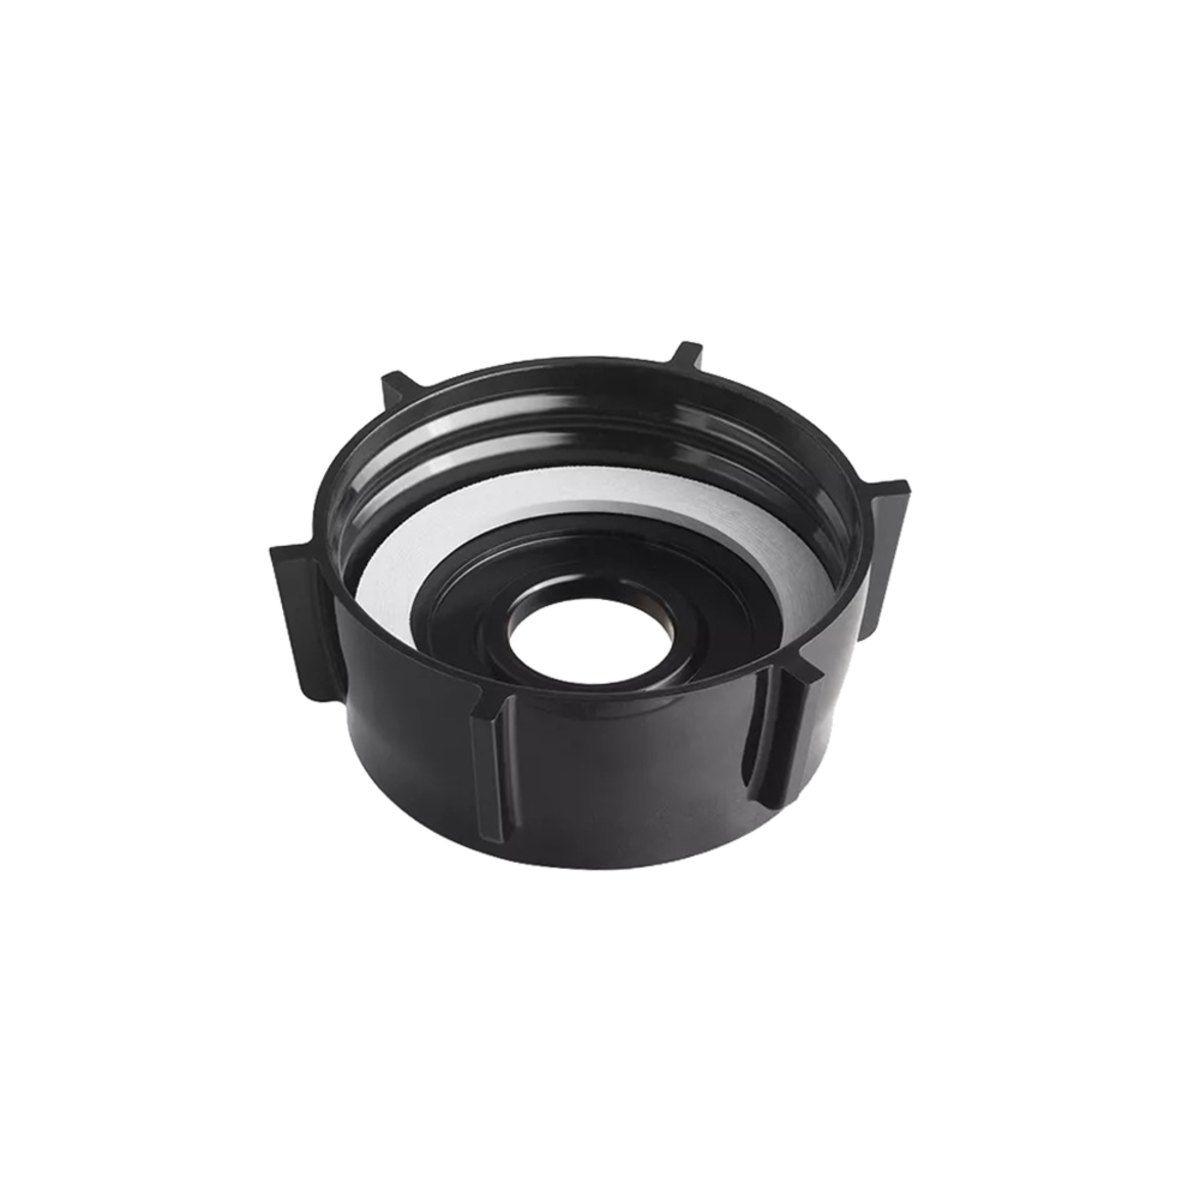 Base Plástica c/ Anel de Vedação para Liquidificadores Oster